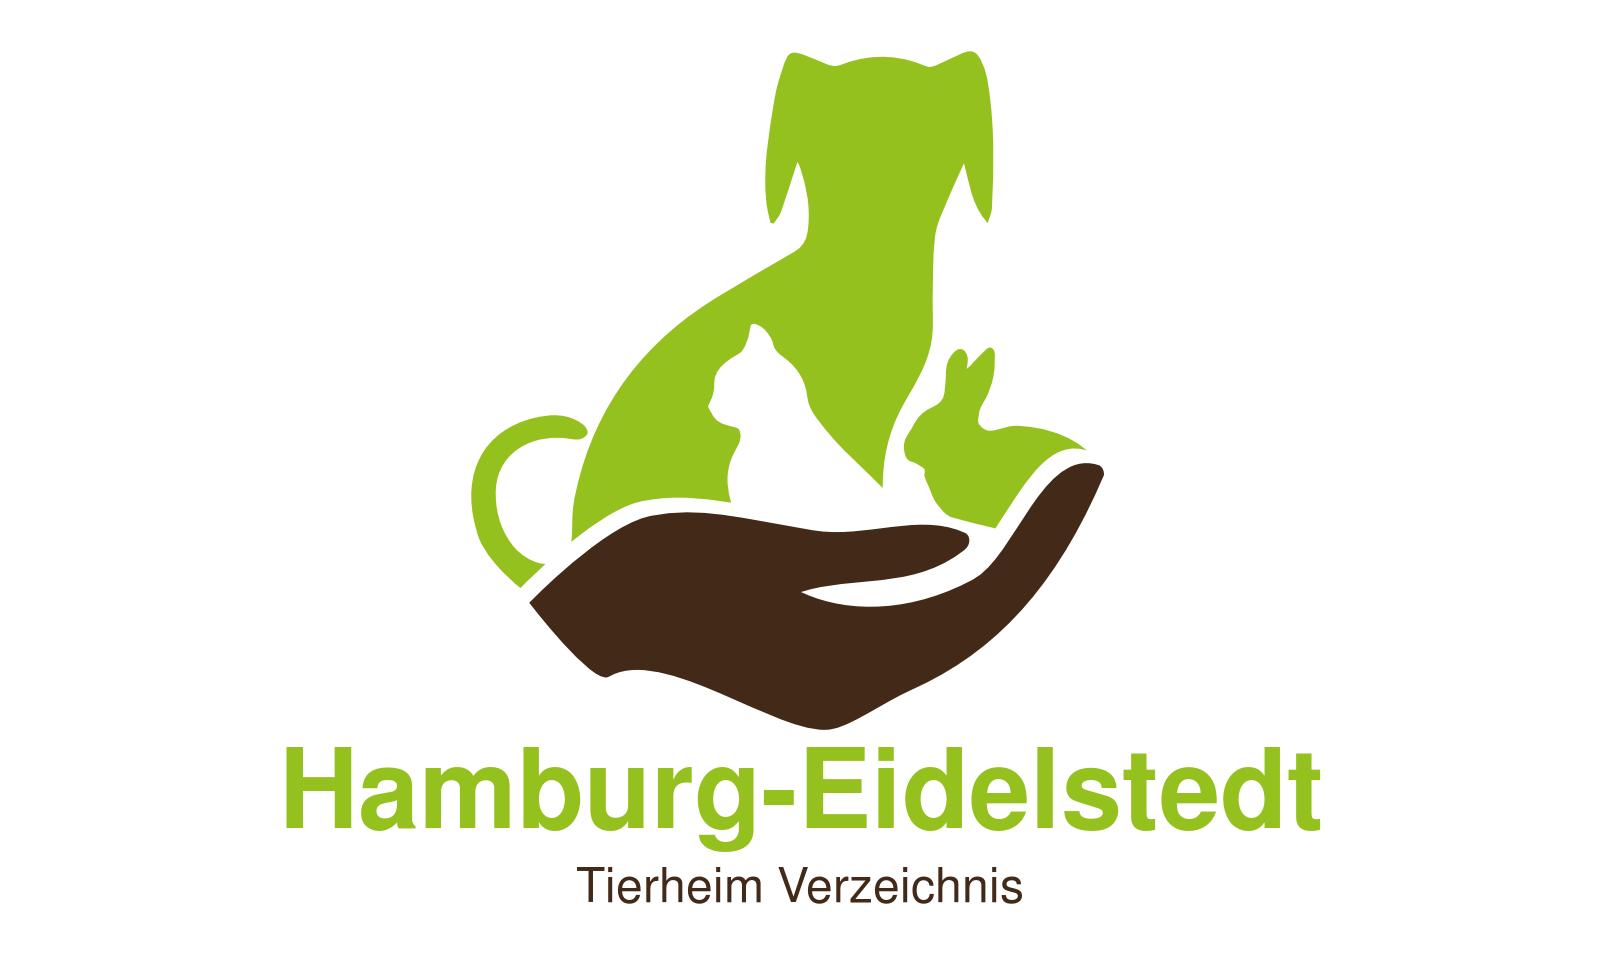 Tierheim Hamburg Eidelstedt